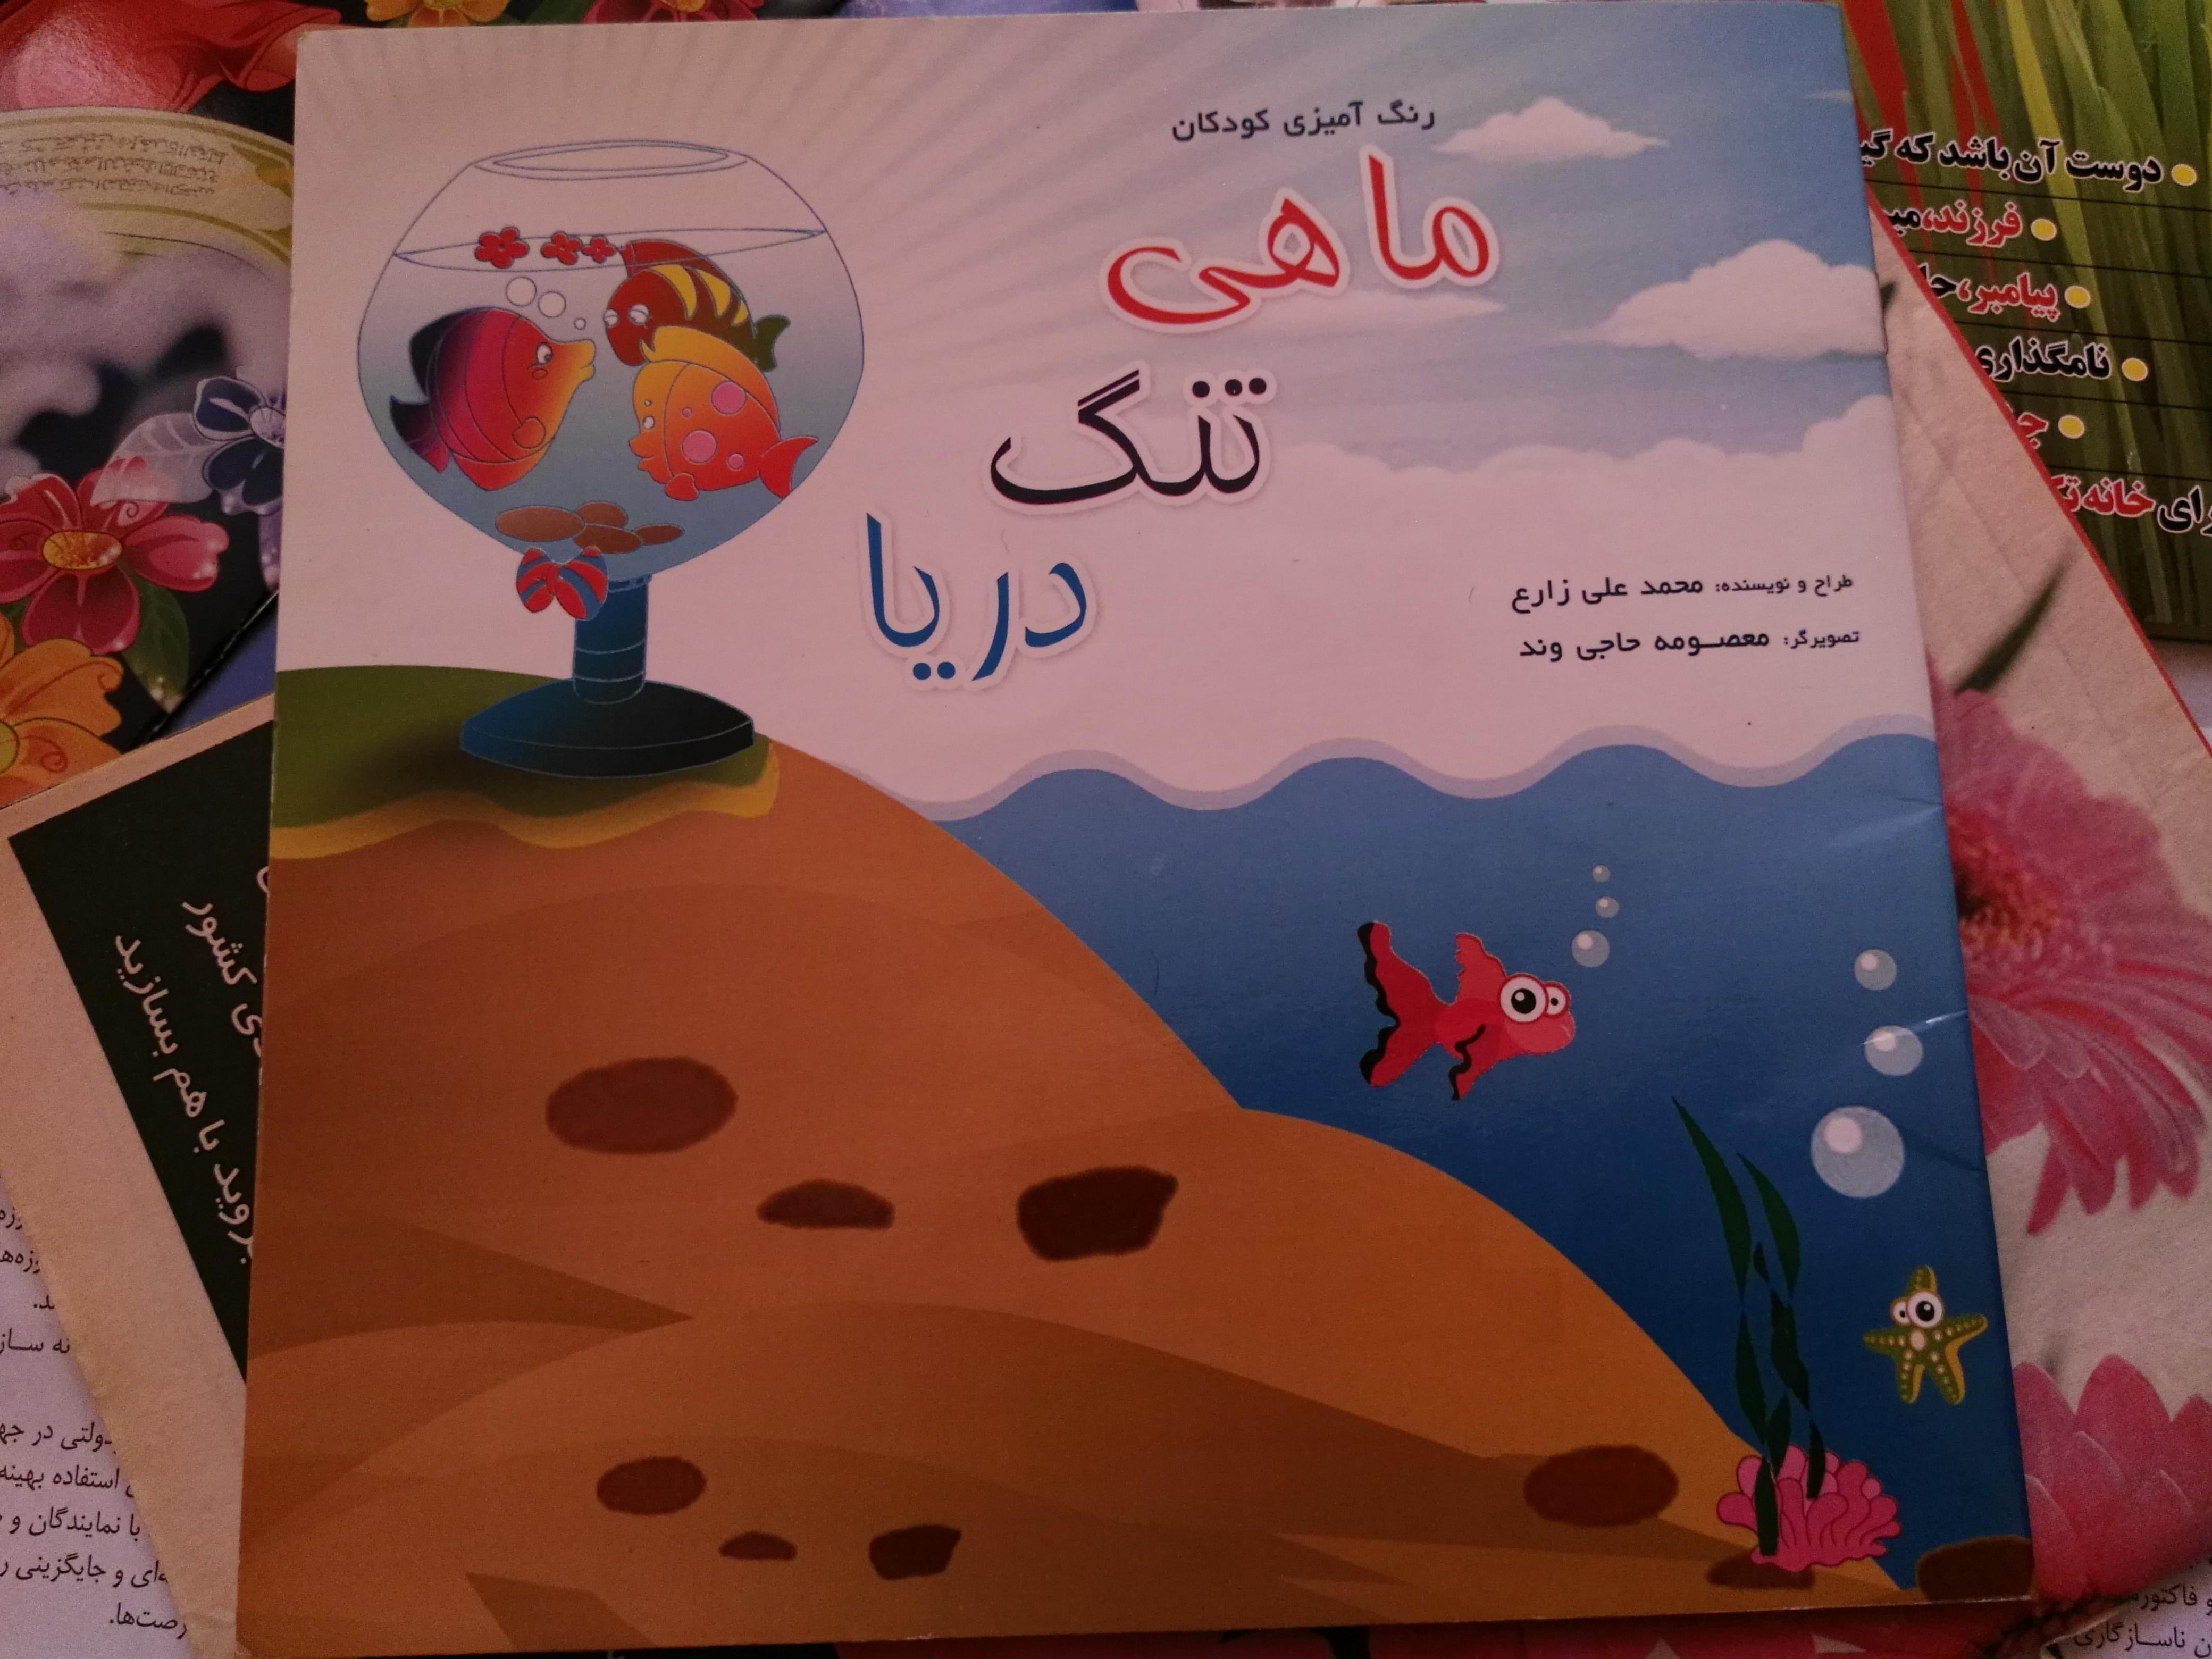 معرفی کتابِ «  ماهی، تنگ، دریا »